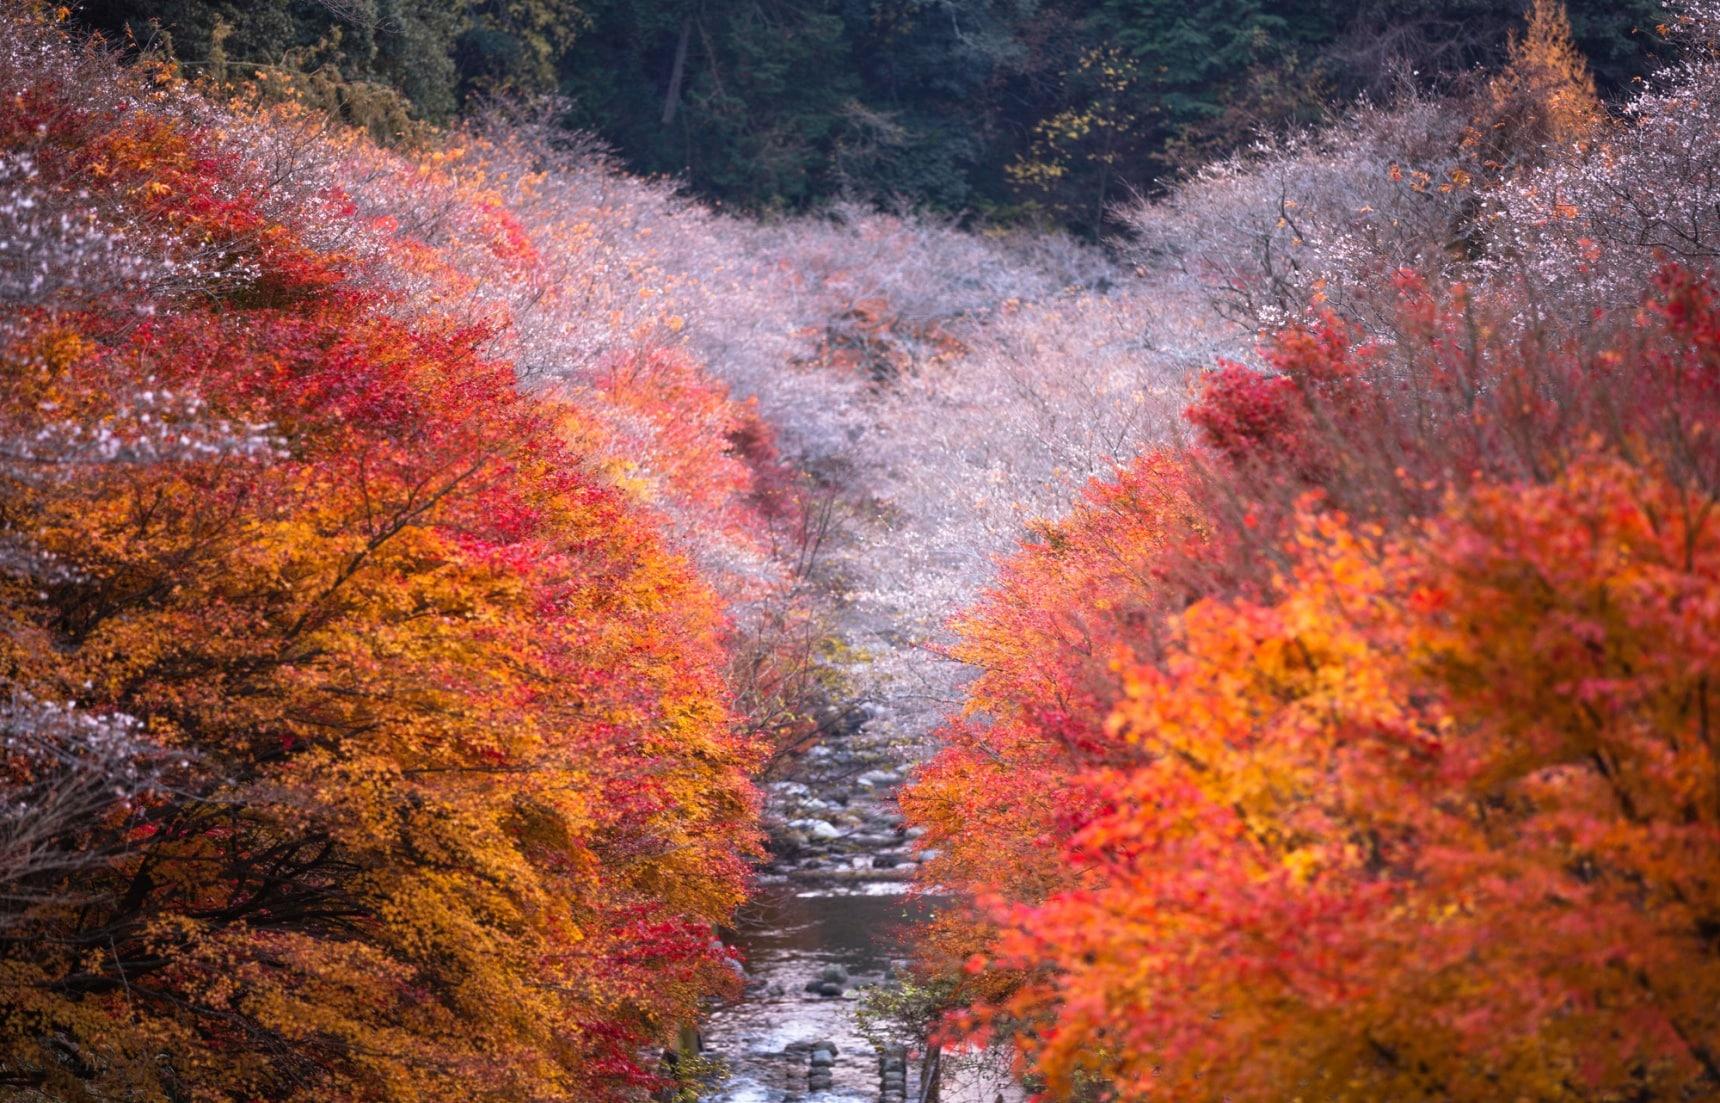 ชมซากุระพร้อมใบไม้แดงในญี่ปุ่น!